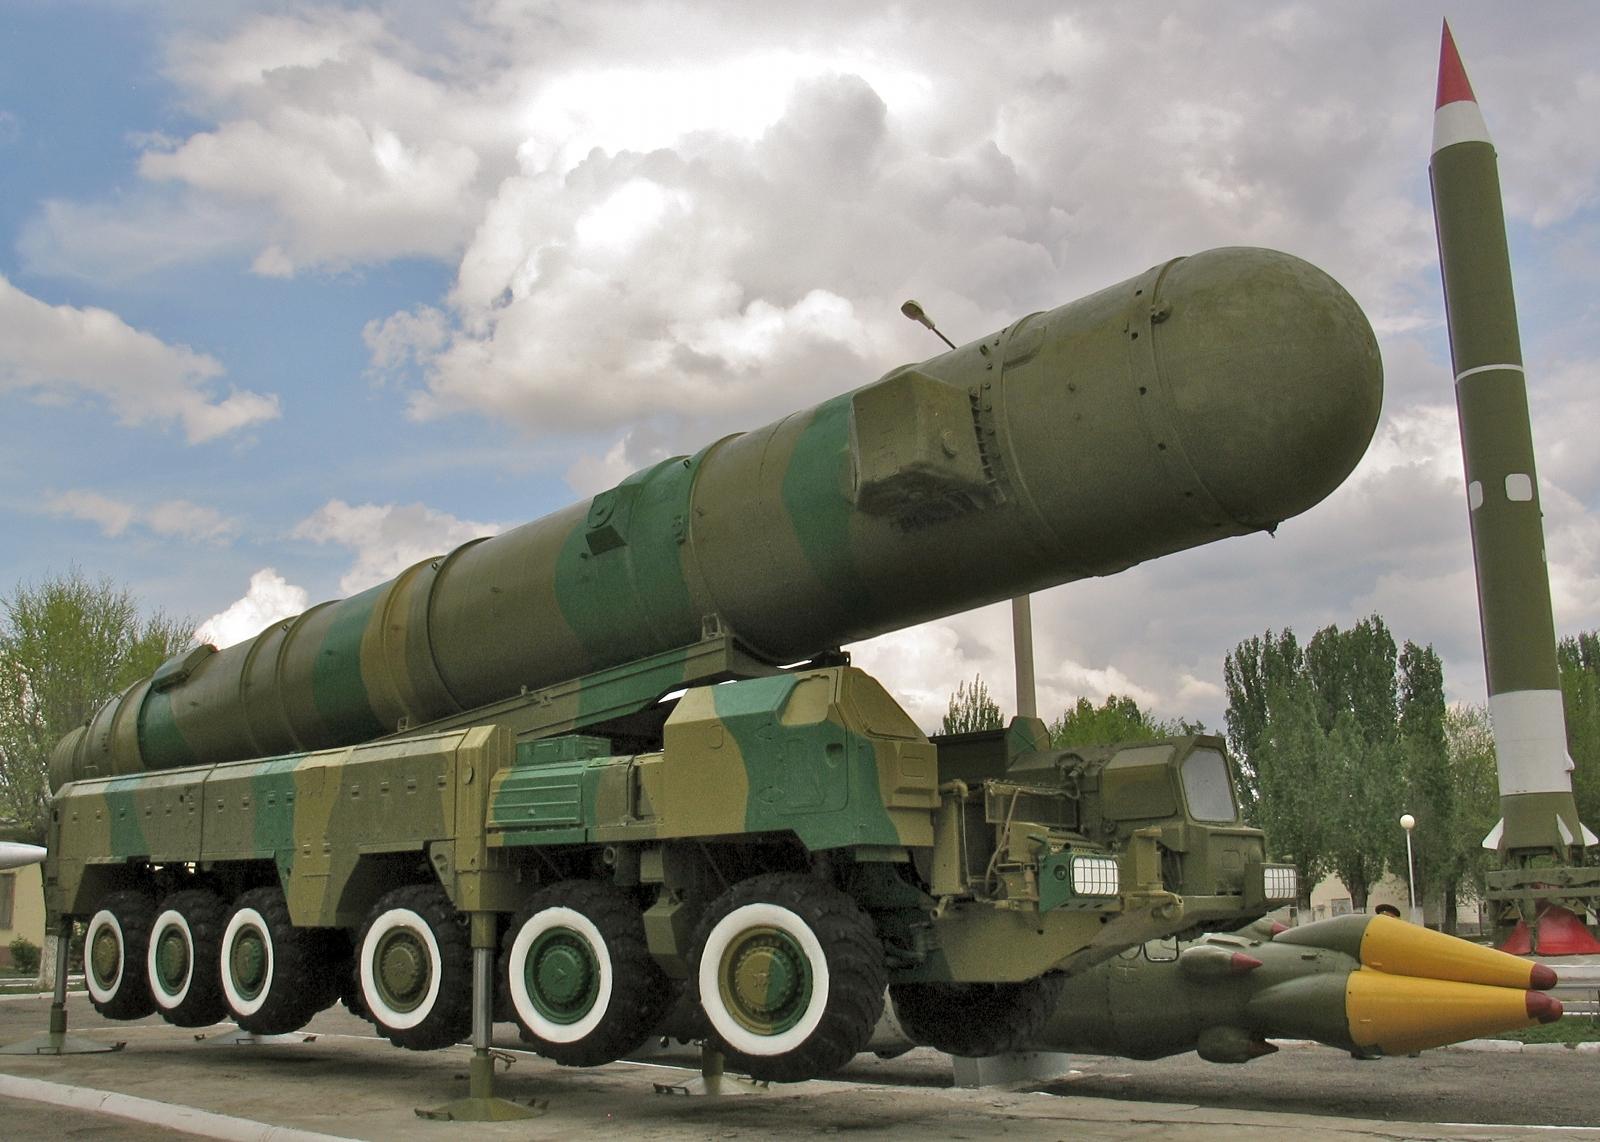 S-500 RSD-10-Pionier-SS-20-Saber-Kapustin-Yar-2011-2